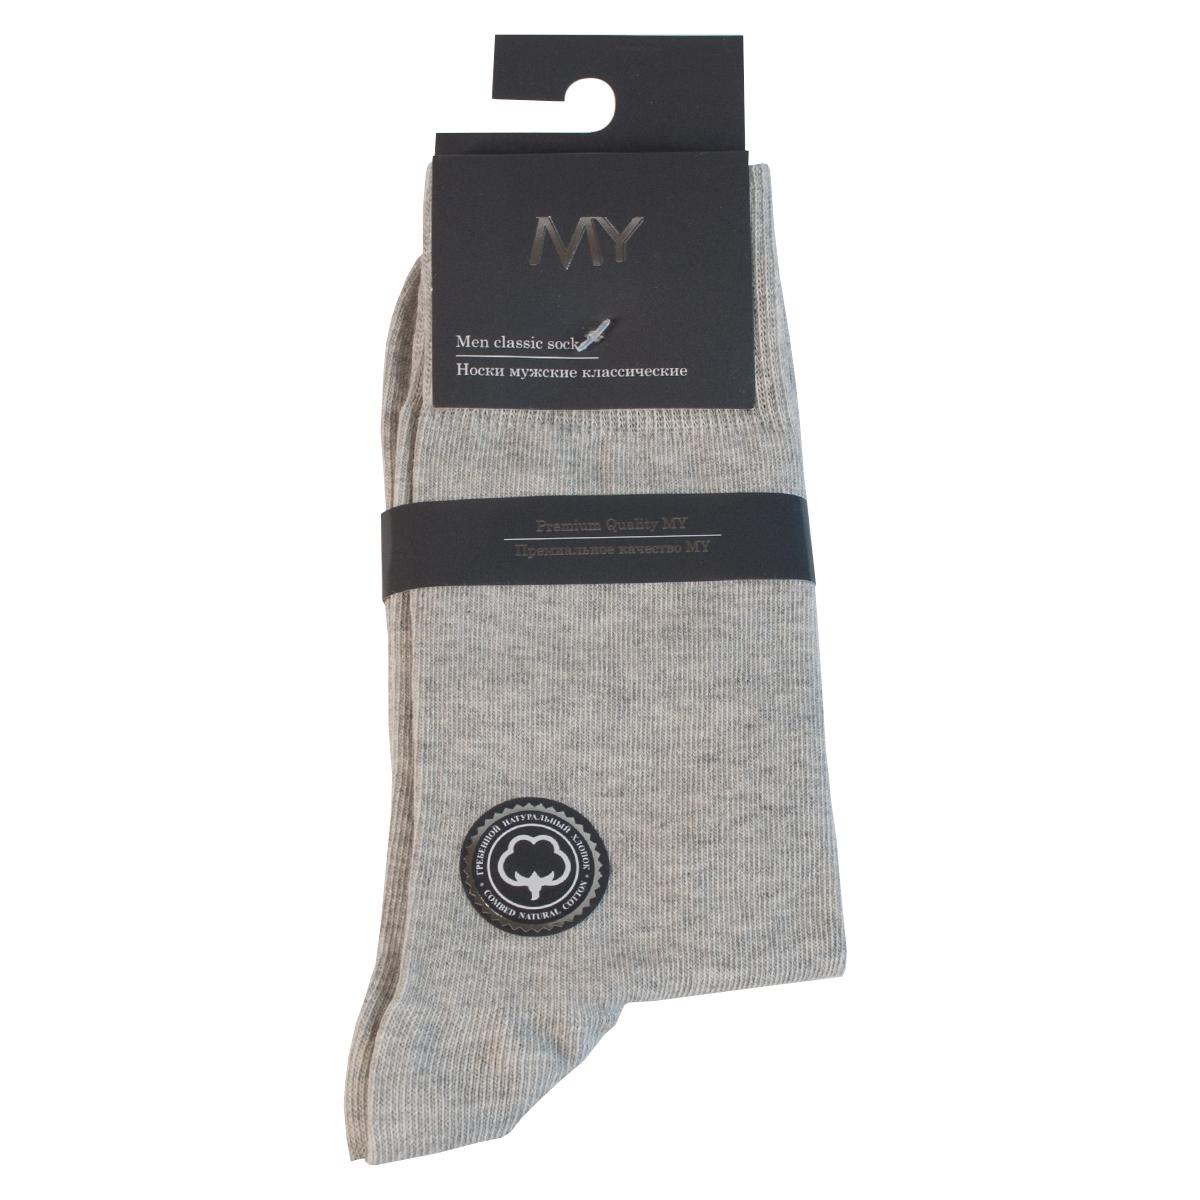 Носки мужские Mirey, цвет: светло-серый. MSC 003. Размер (38/40)MSC 003Классические мужские носки от Mirey выполнены из хлопка с эластаном.Мысок и пятка не усиленные, двойная резинка, плоский шов.